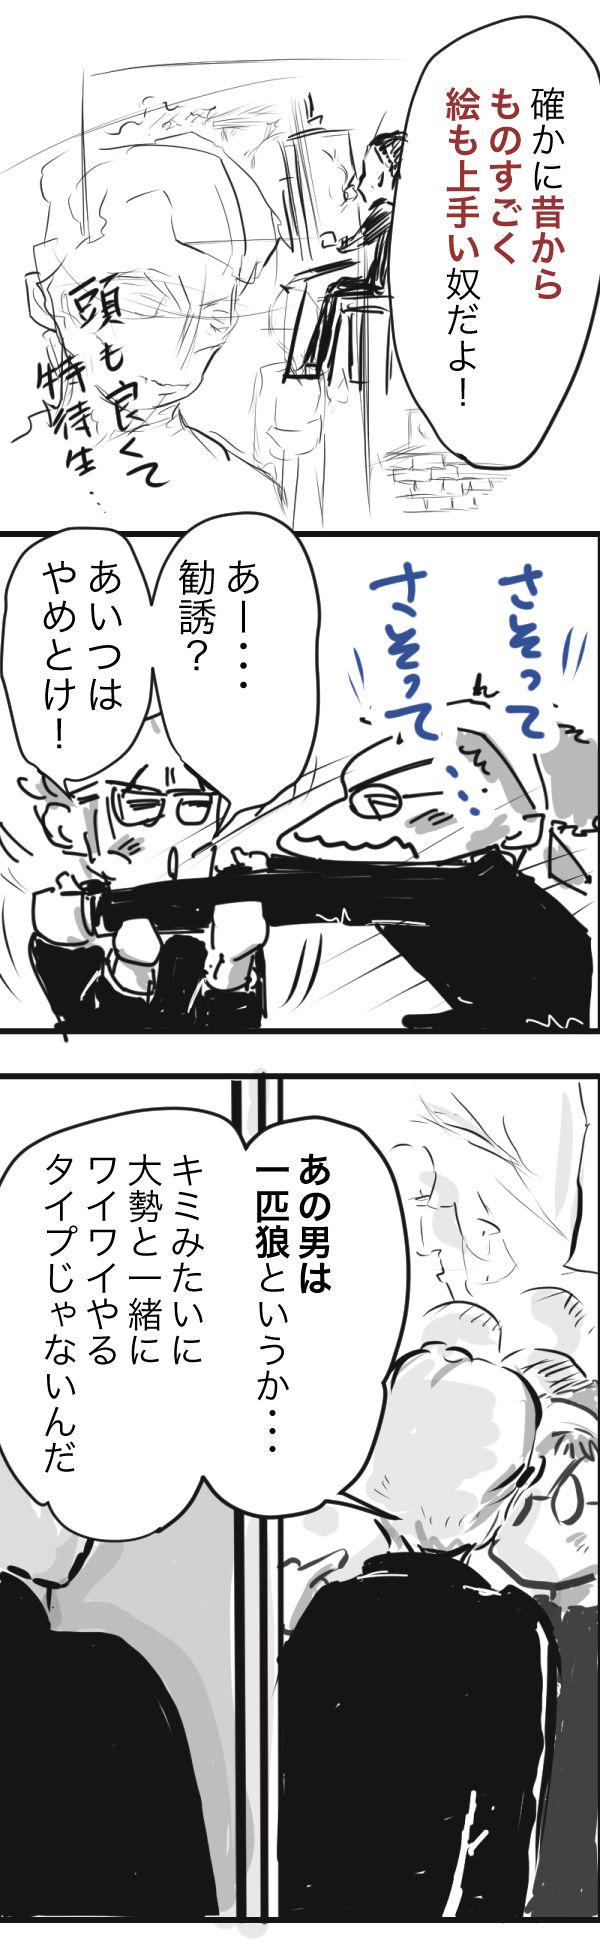 山田 金沢 4−4−3